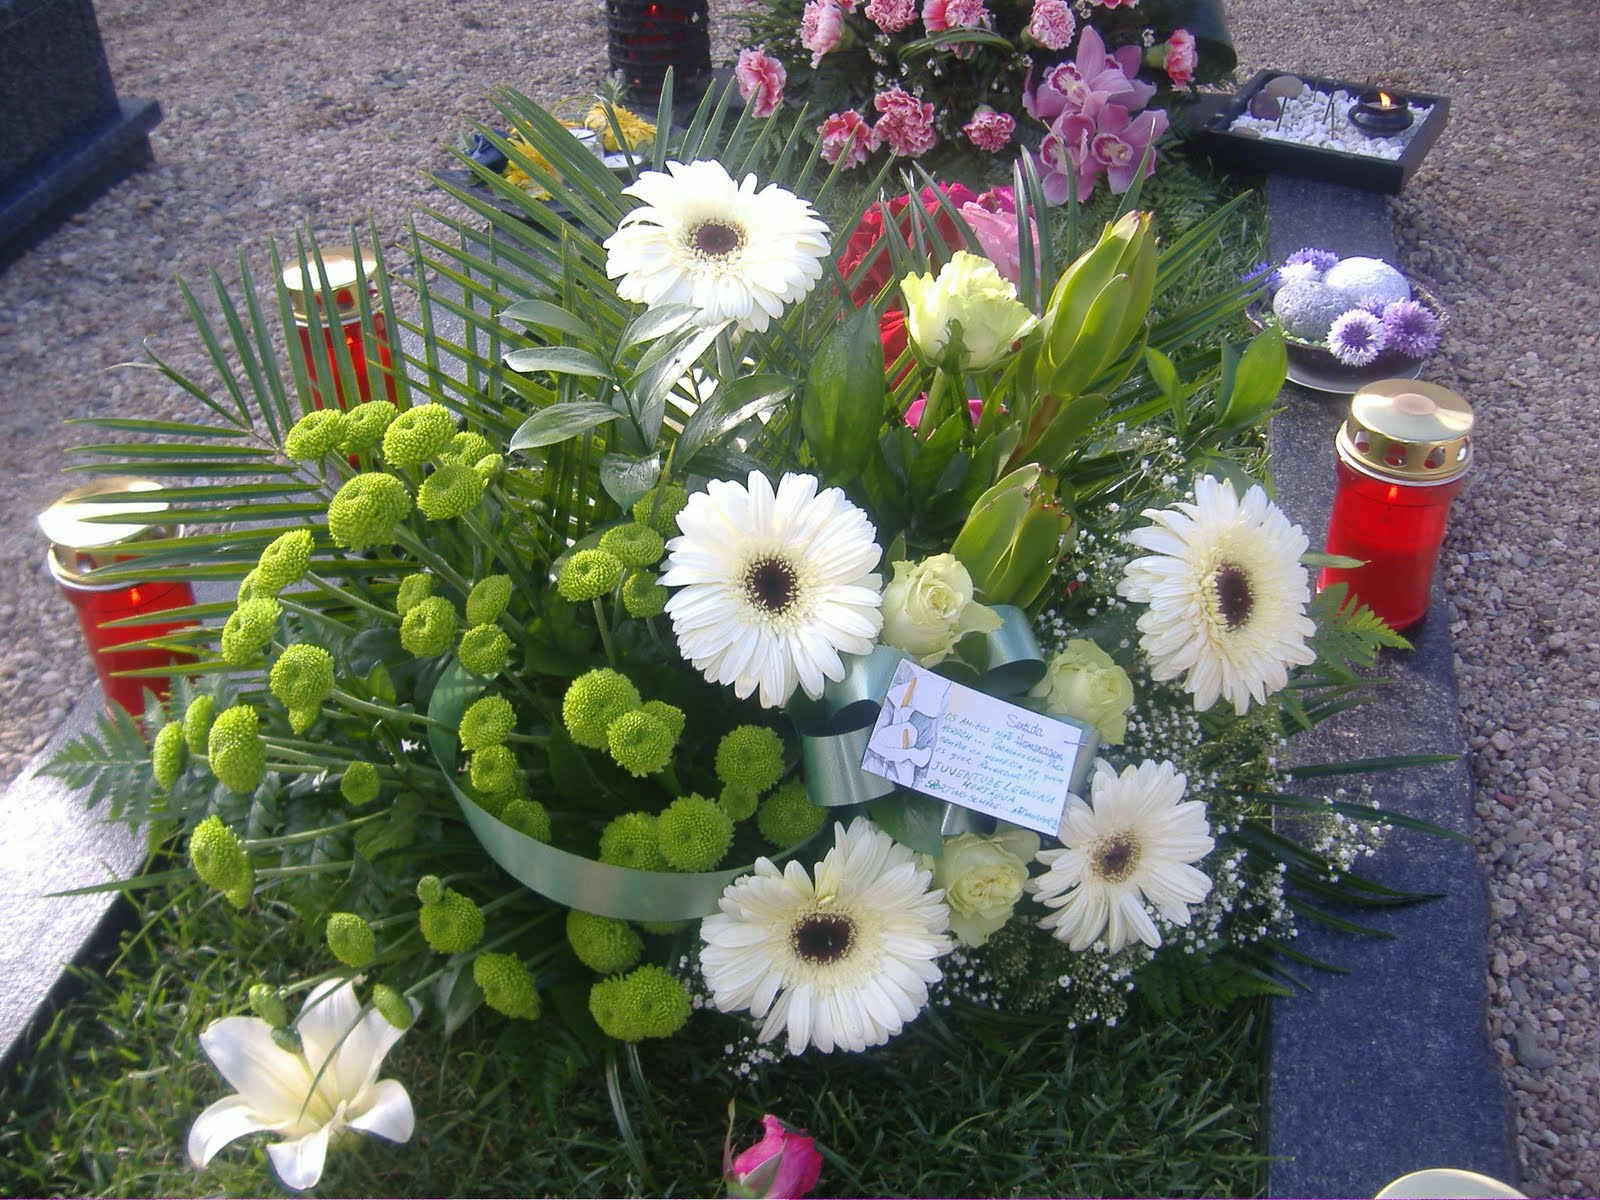 Imagens De Arranjos De Flores Naturais Para Cemiterio - Arranjo, De, Flores Imagens gratis no Pixabay